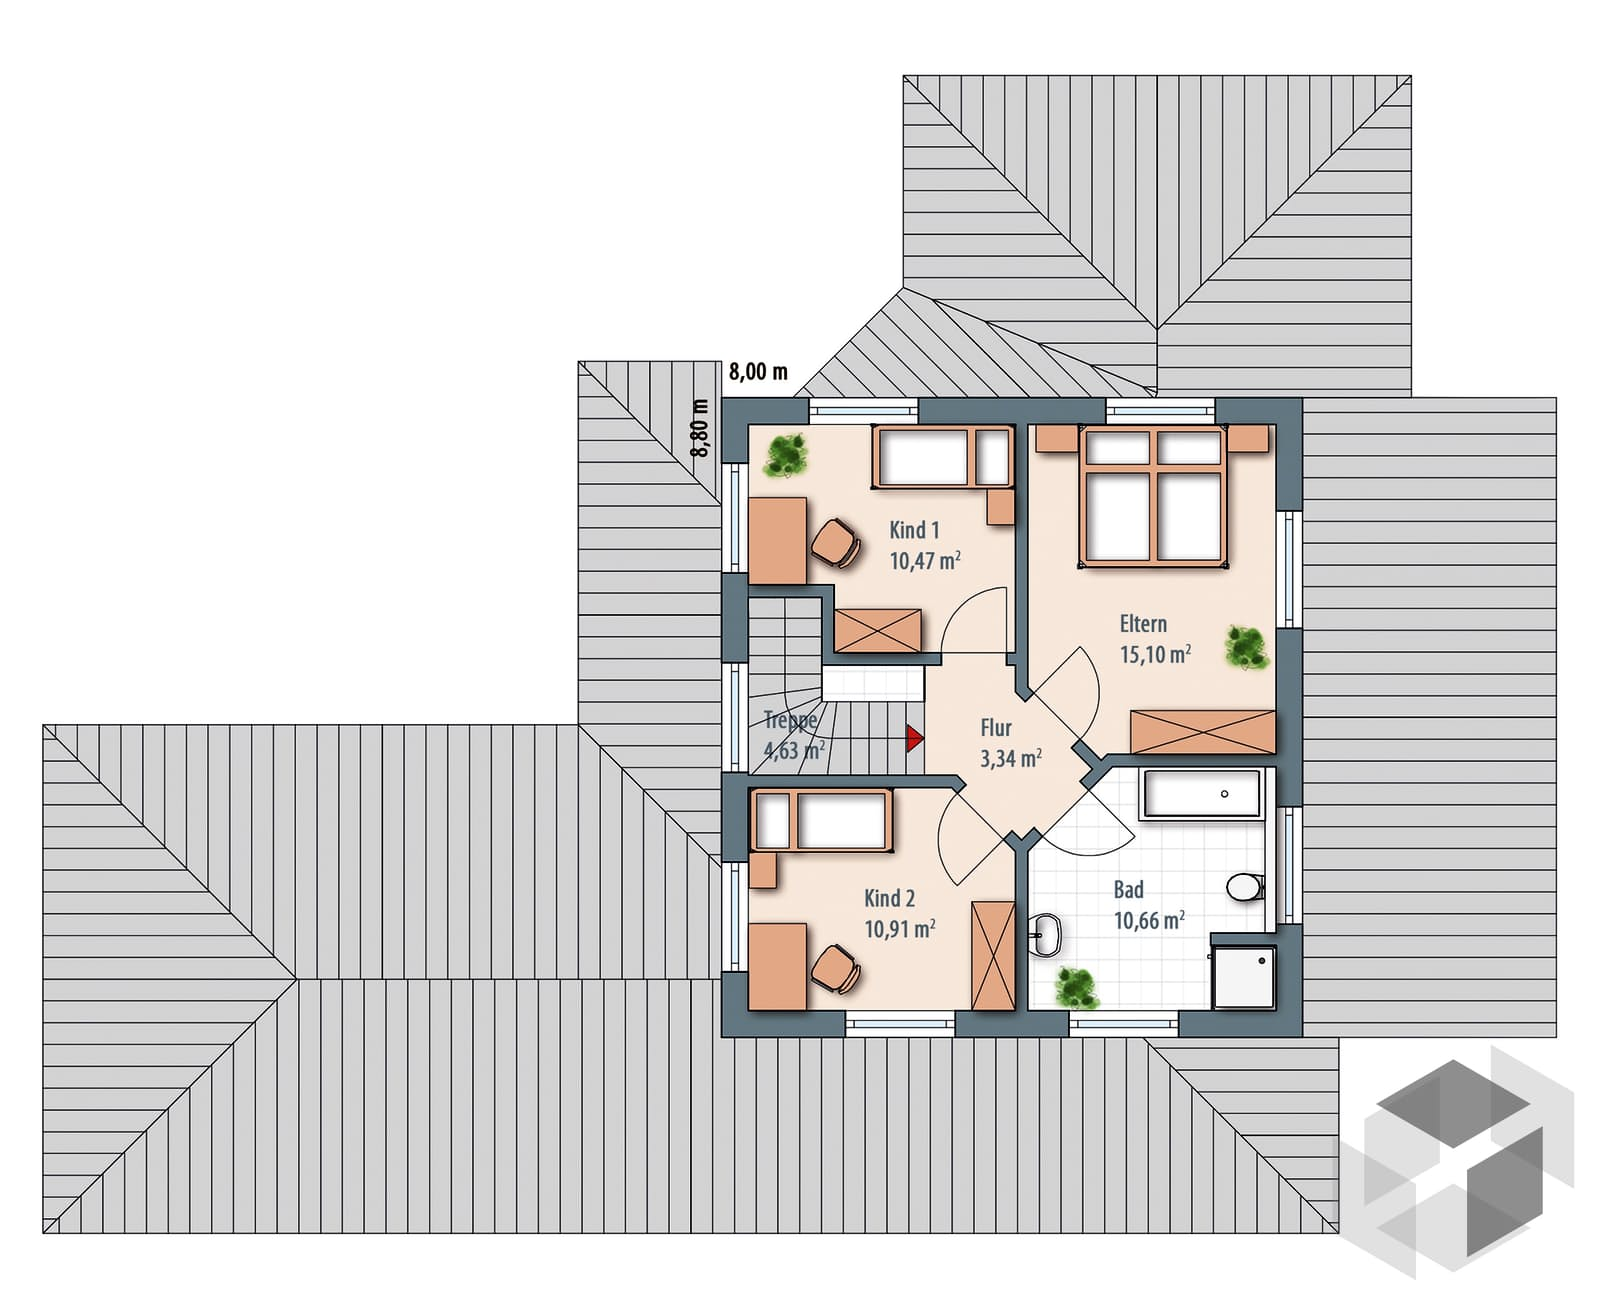 edition select 196 von wolf haus komplette daten bersicht. Black Bedroom Furniture Sets. Home Design Ideas